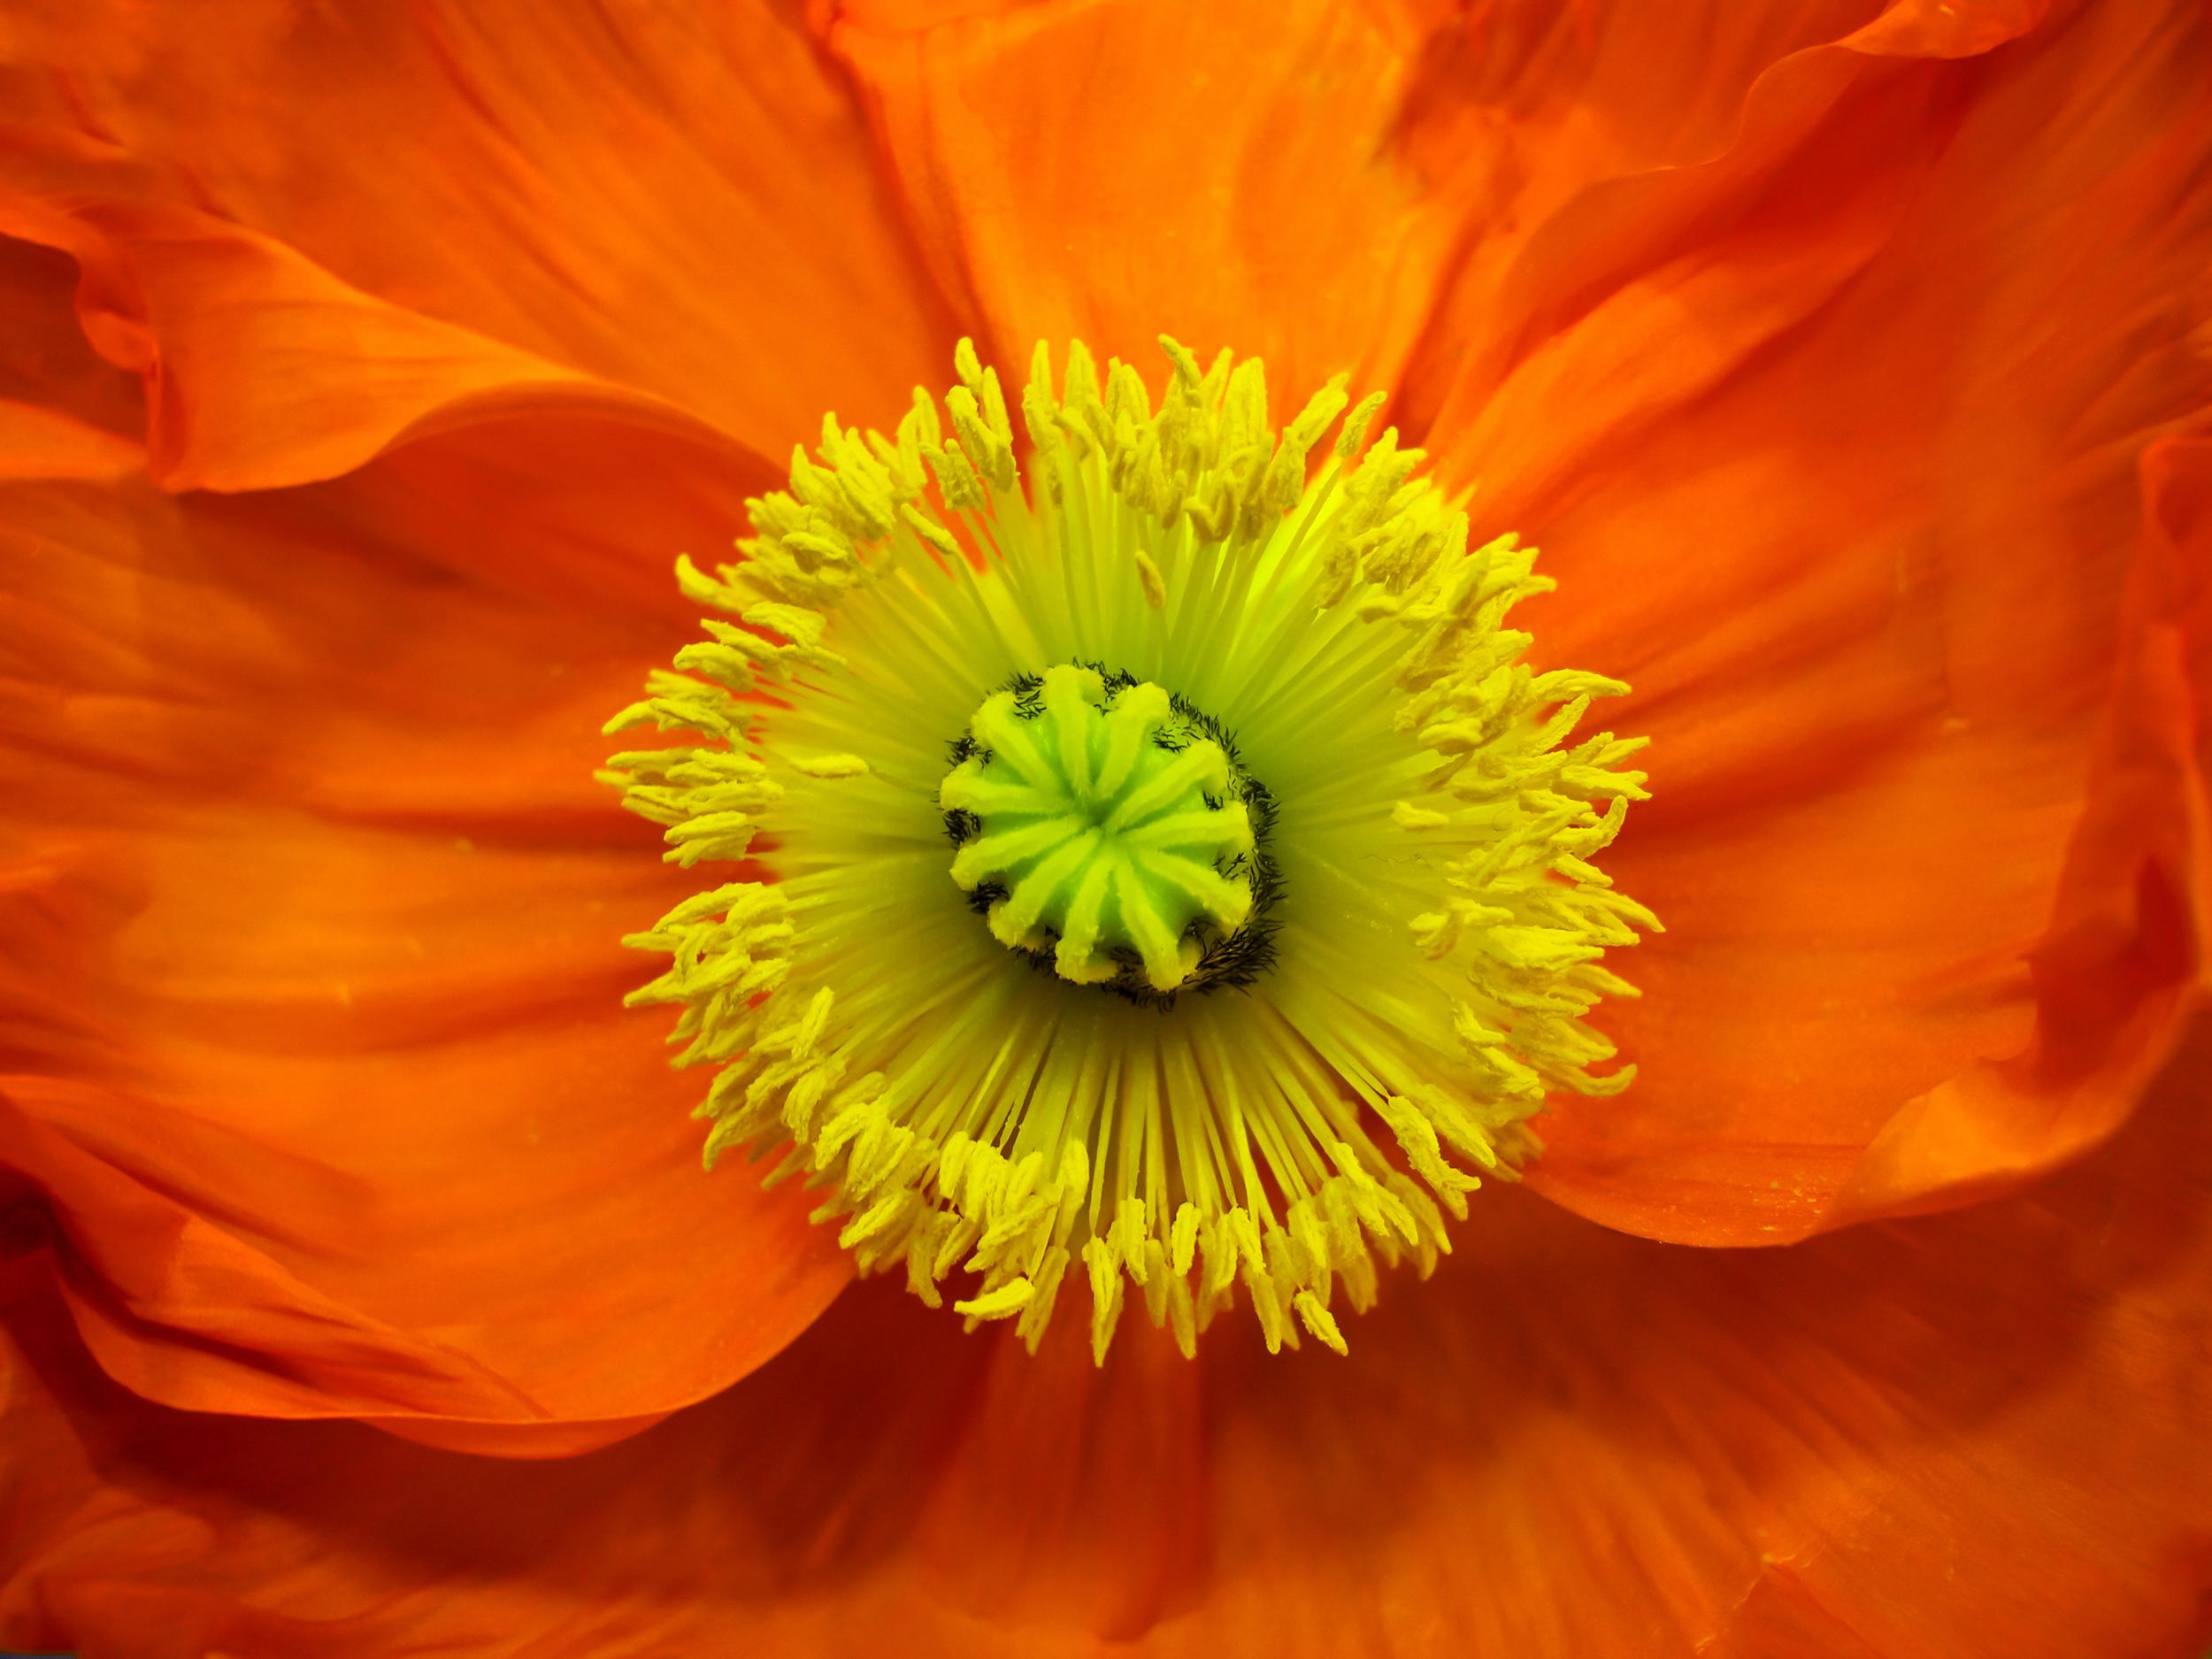 Easy Glass Splashbacks Orange Poppy